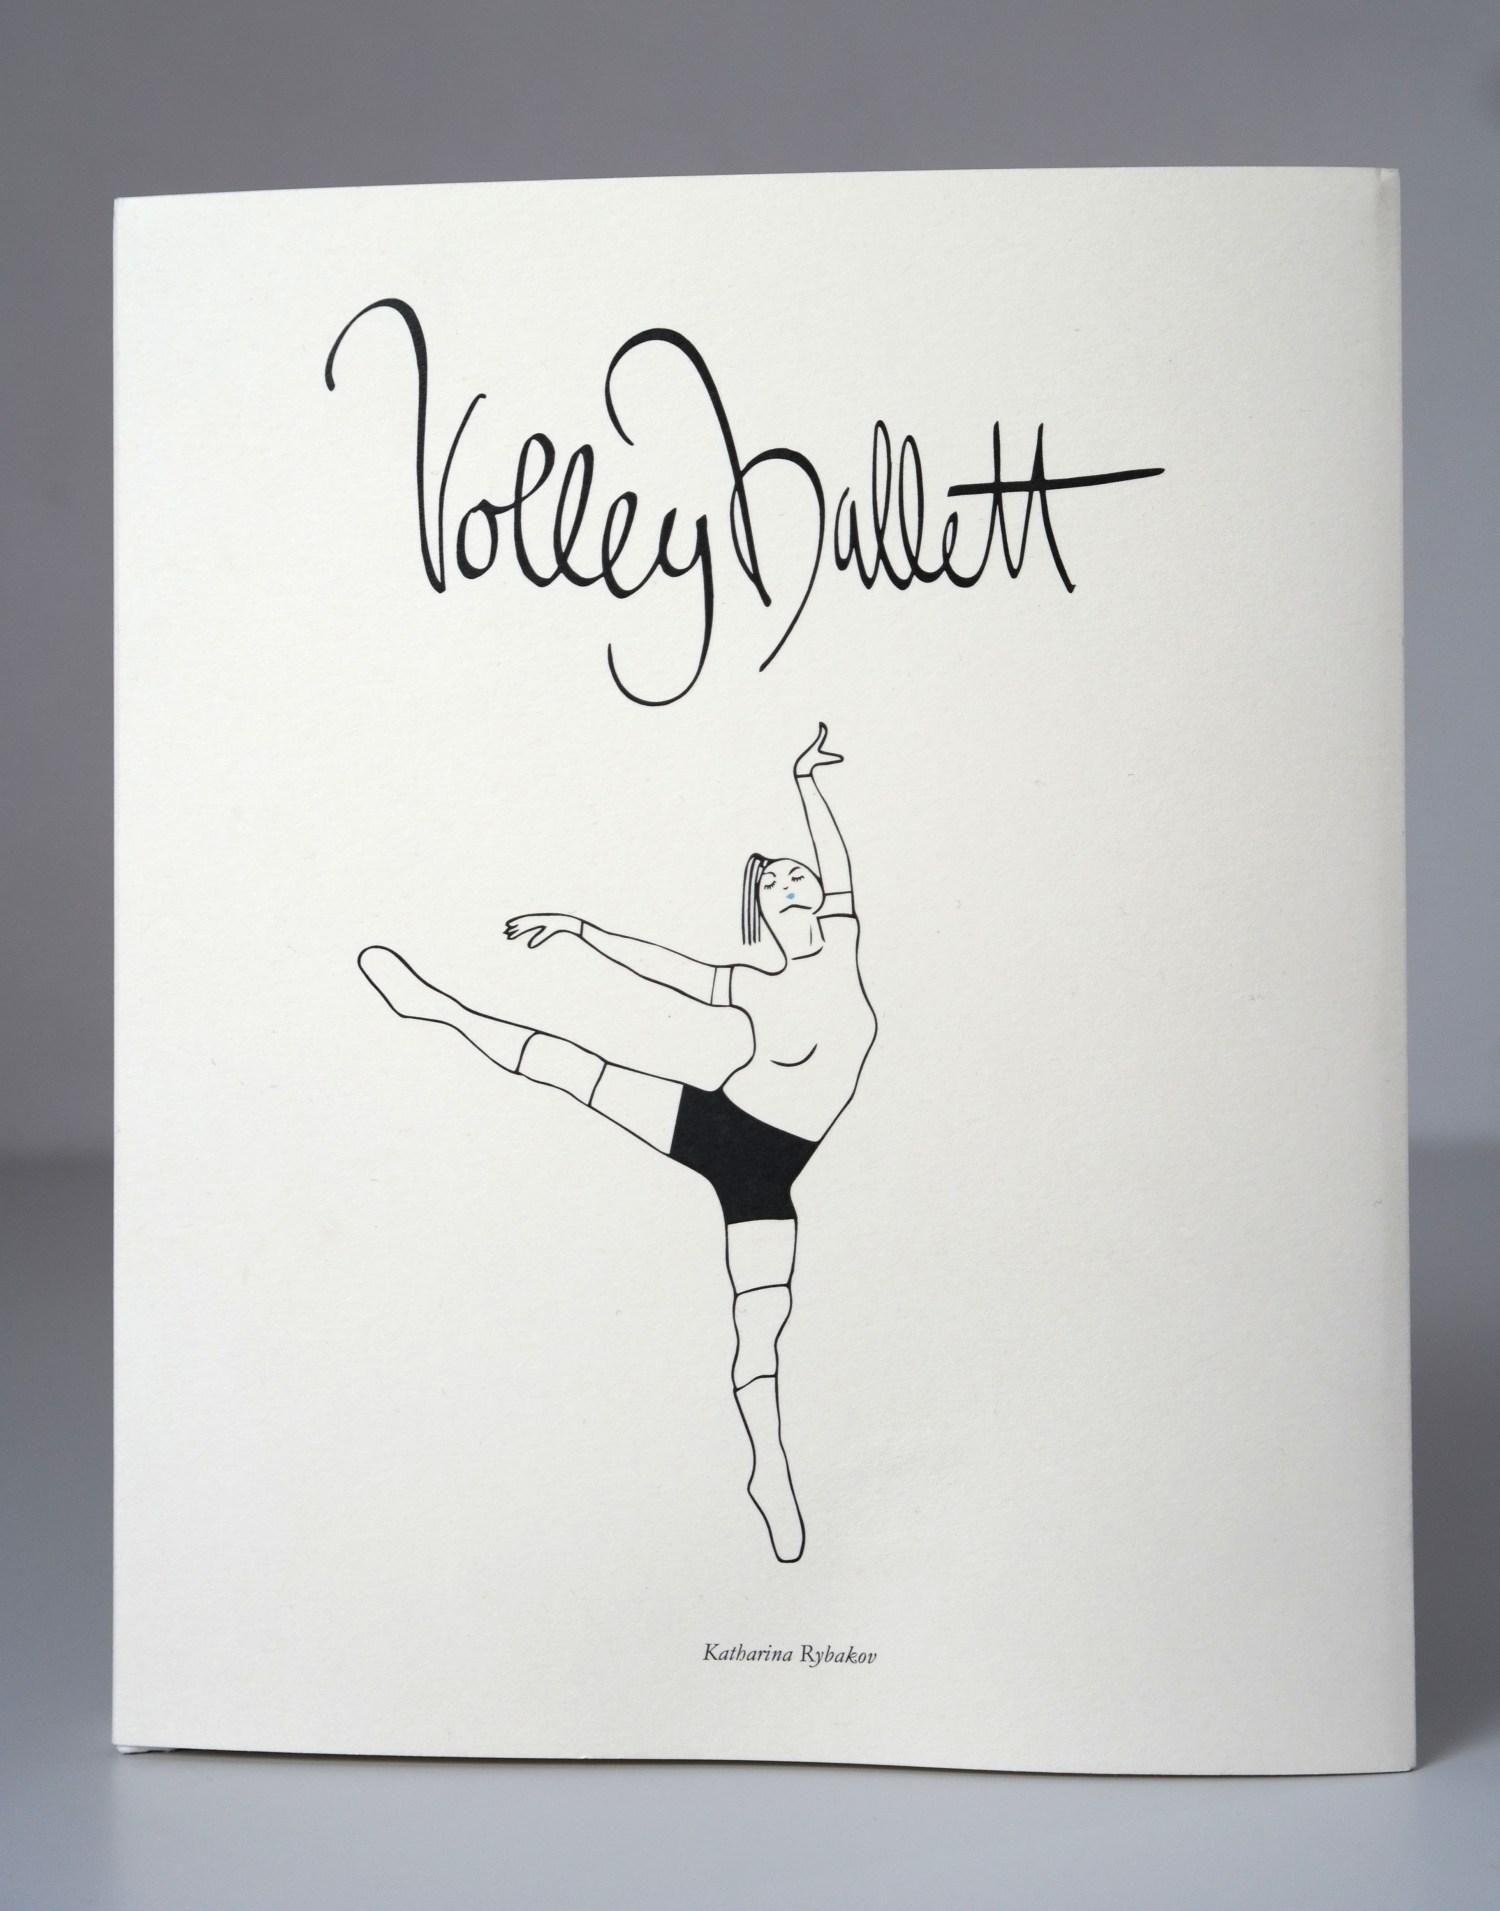 Volleyballett Standard Edition